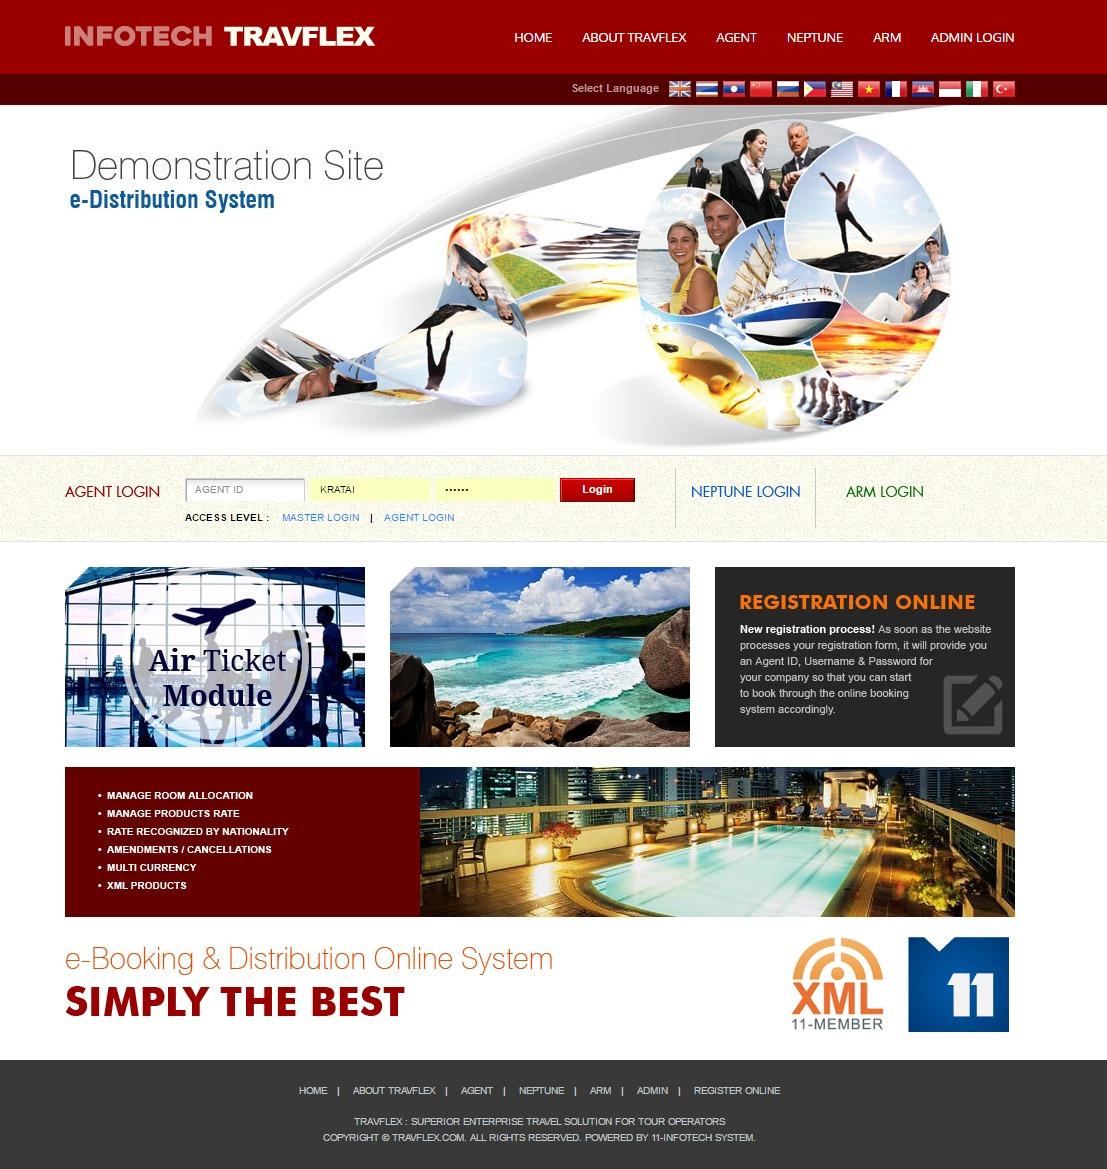 TRAVFLEX Demo - INFOTECH TRAVFLEX LOGIN PAGE